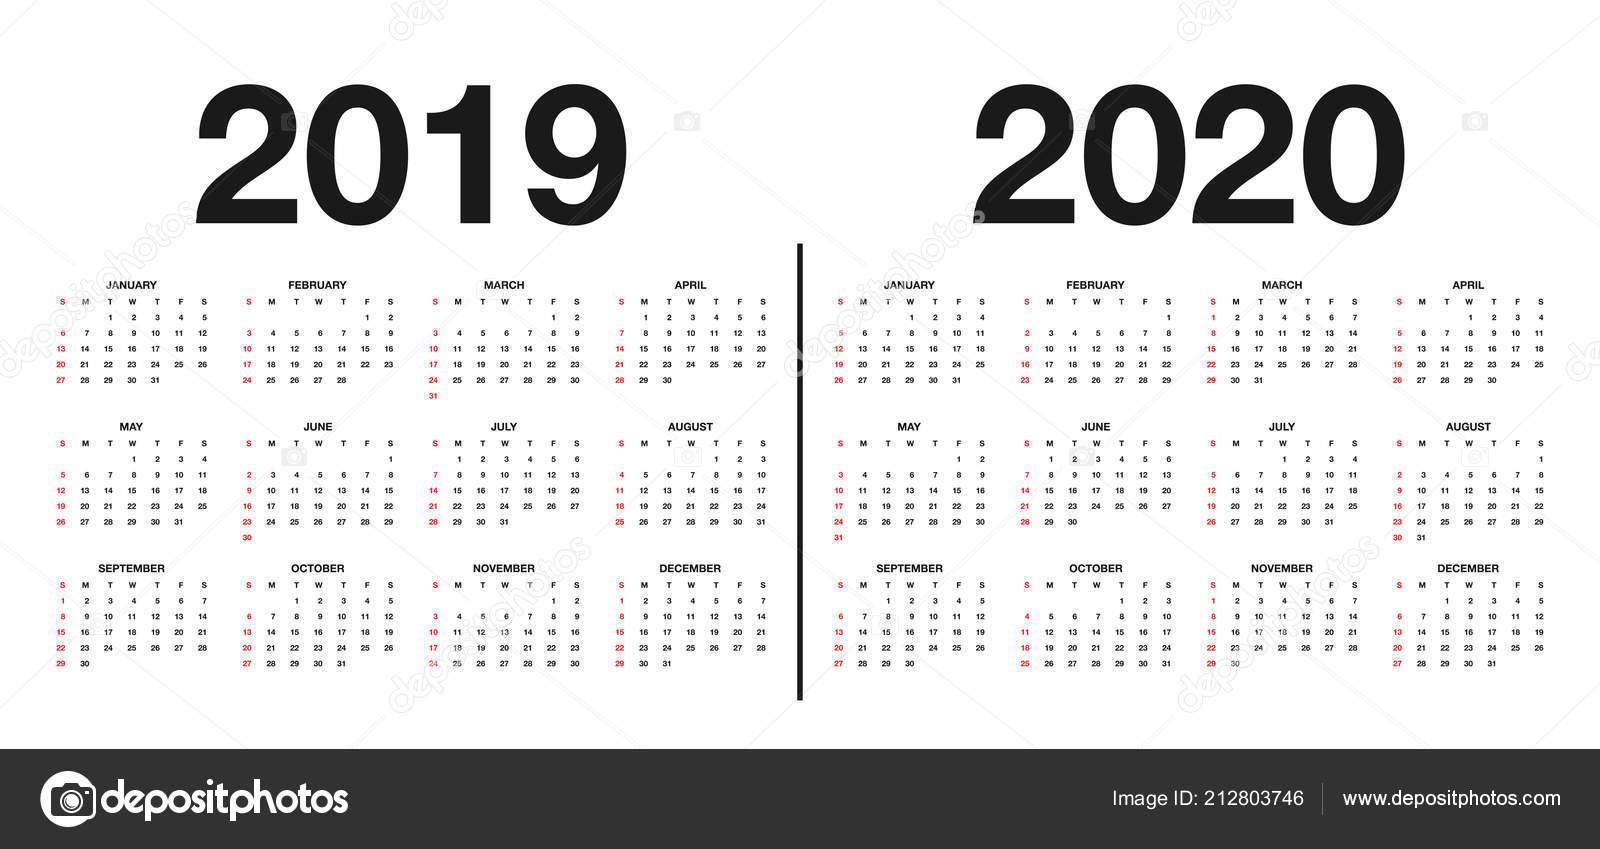 Calendário 2019 2020 Modelo Calendário Design Nas Cores Preto